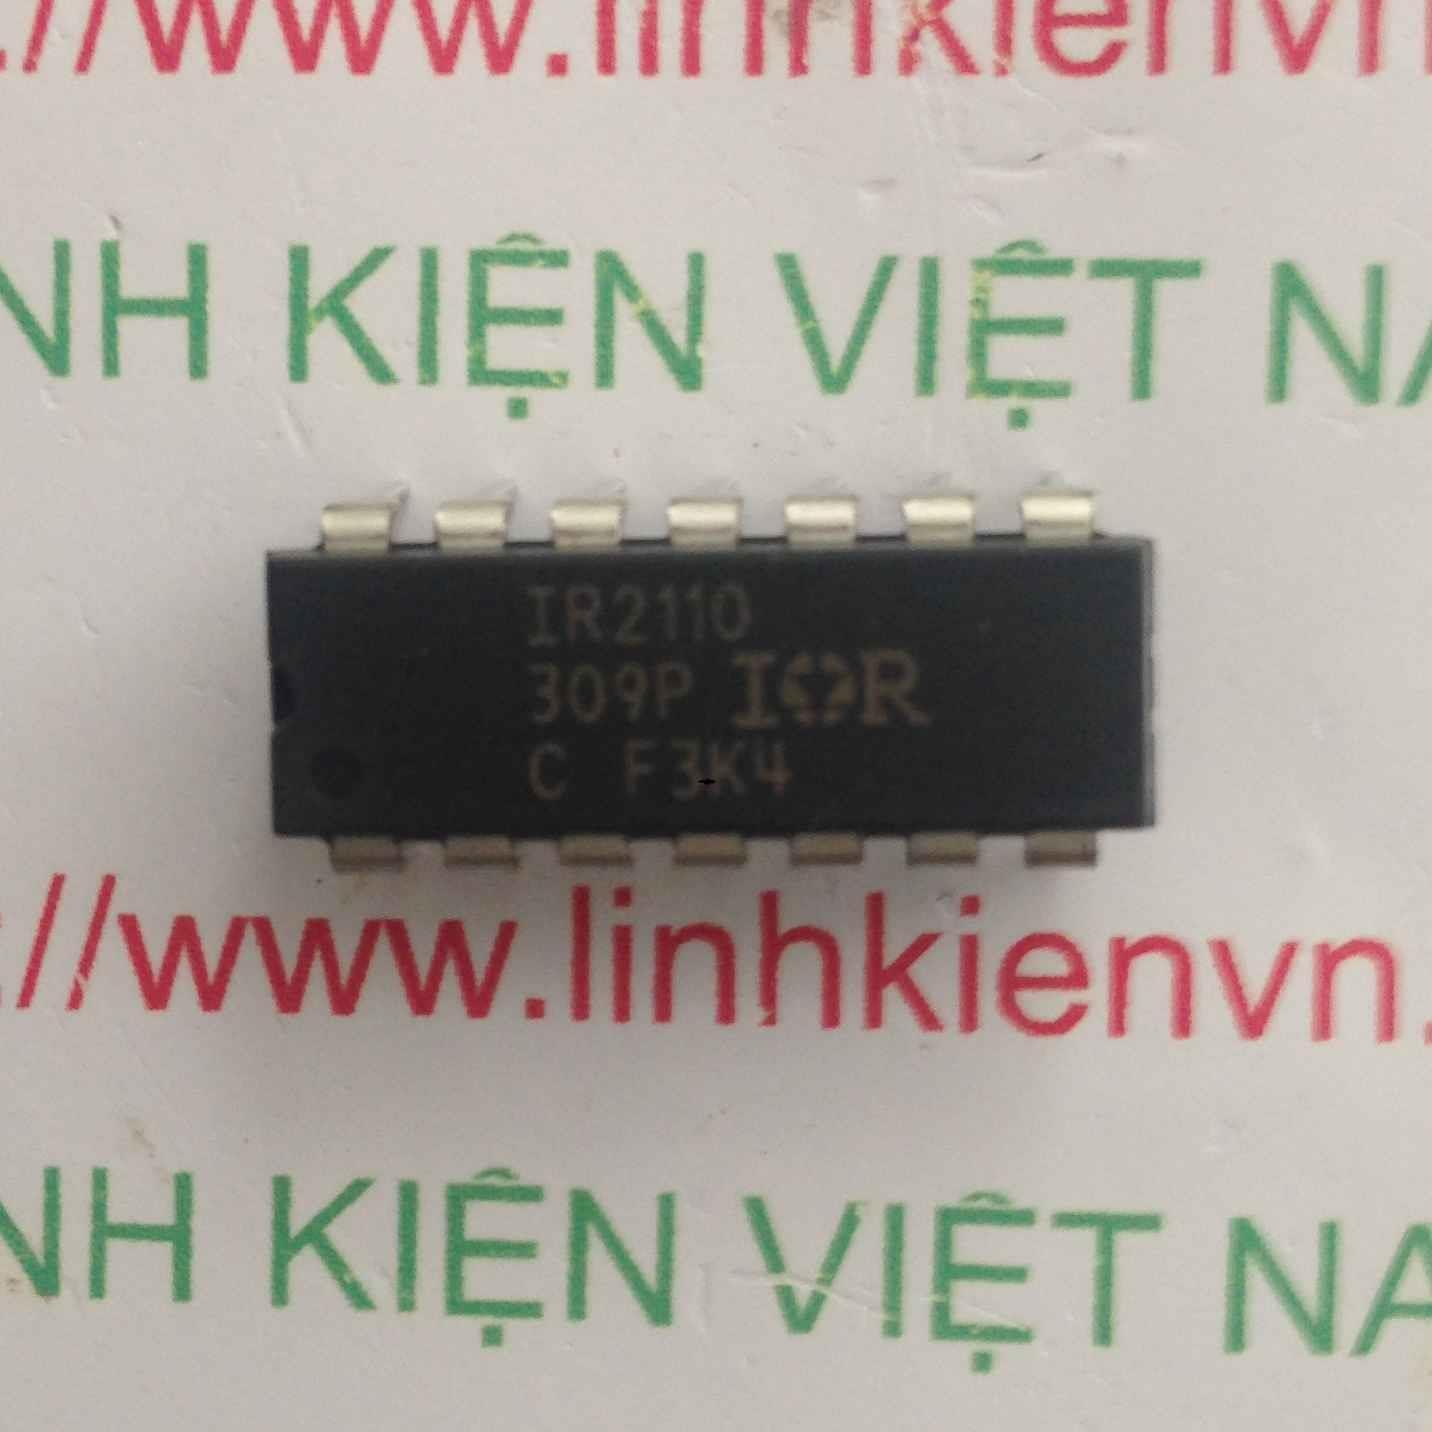 IC IR2110 - DIP16 - F4H1